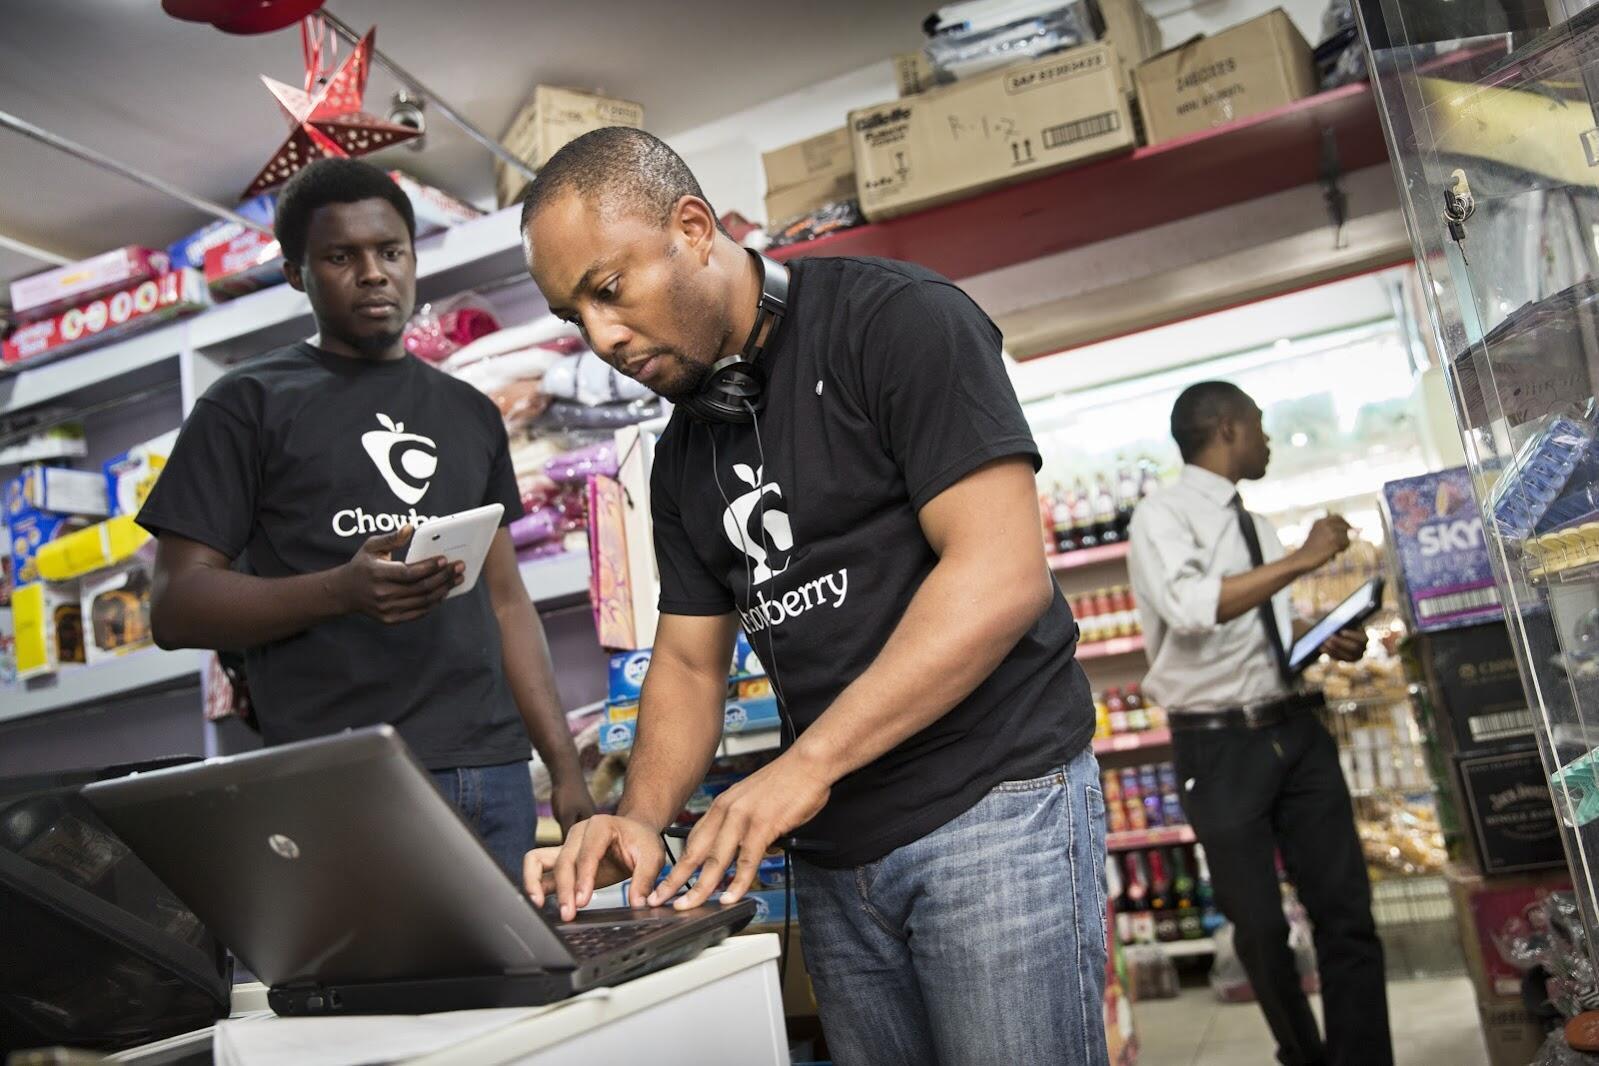 Chowberry permet de mettre en relation des commerçants avec des associations humanitaires afin de vendre les produits en voie de péremption à bas coût. Crédit : Chowberry/Rolex/Tomas Bertelsen.